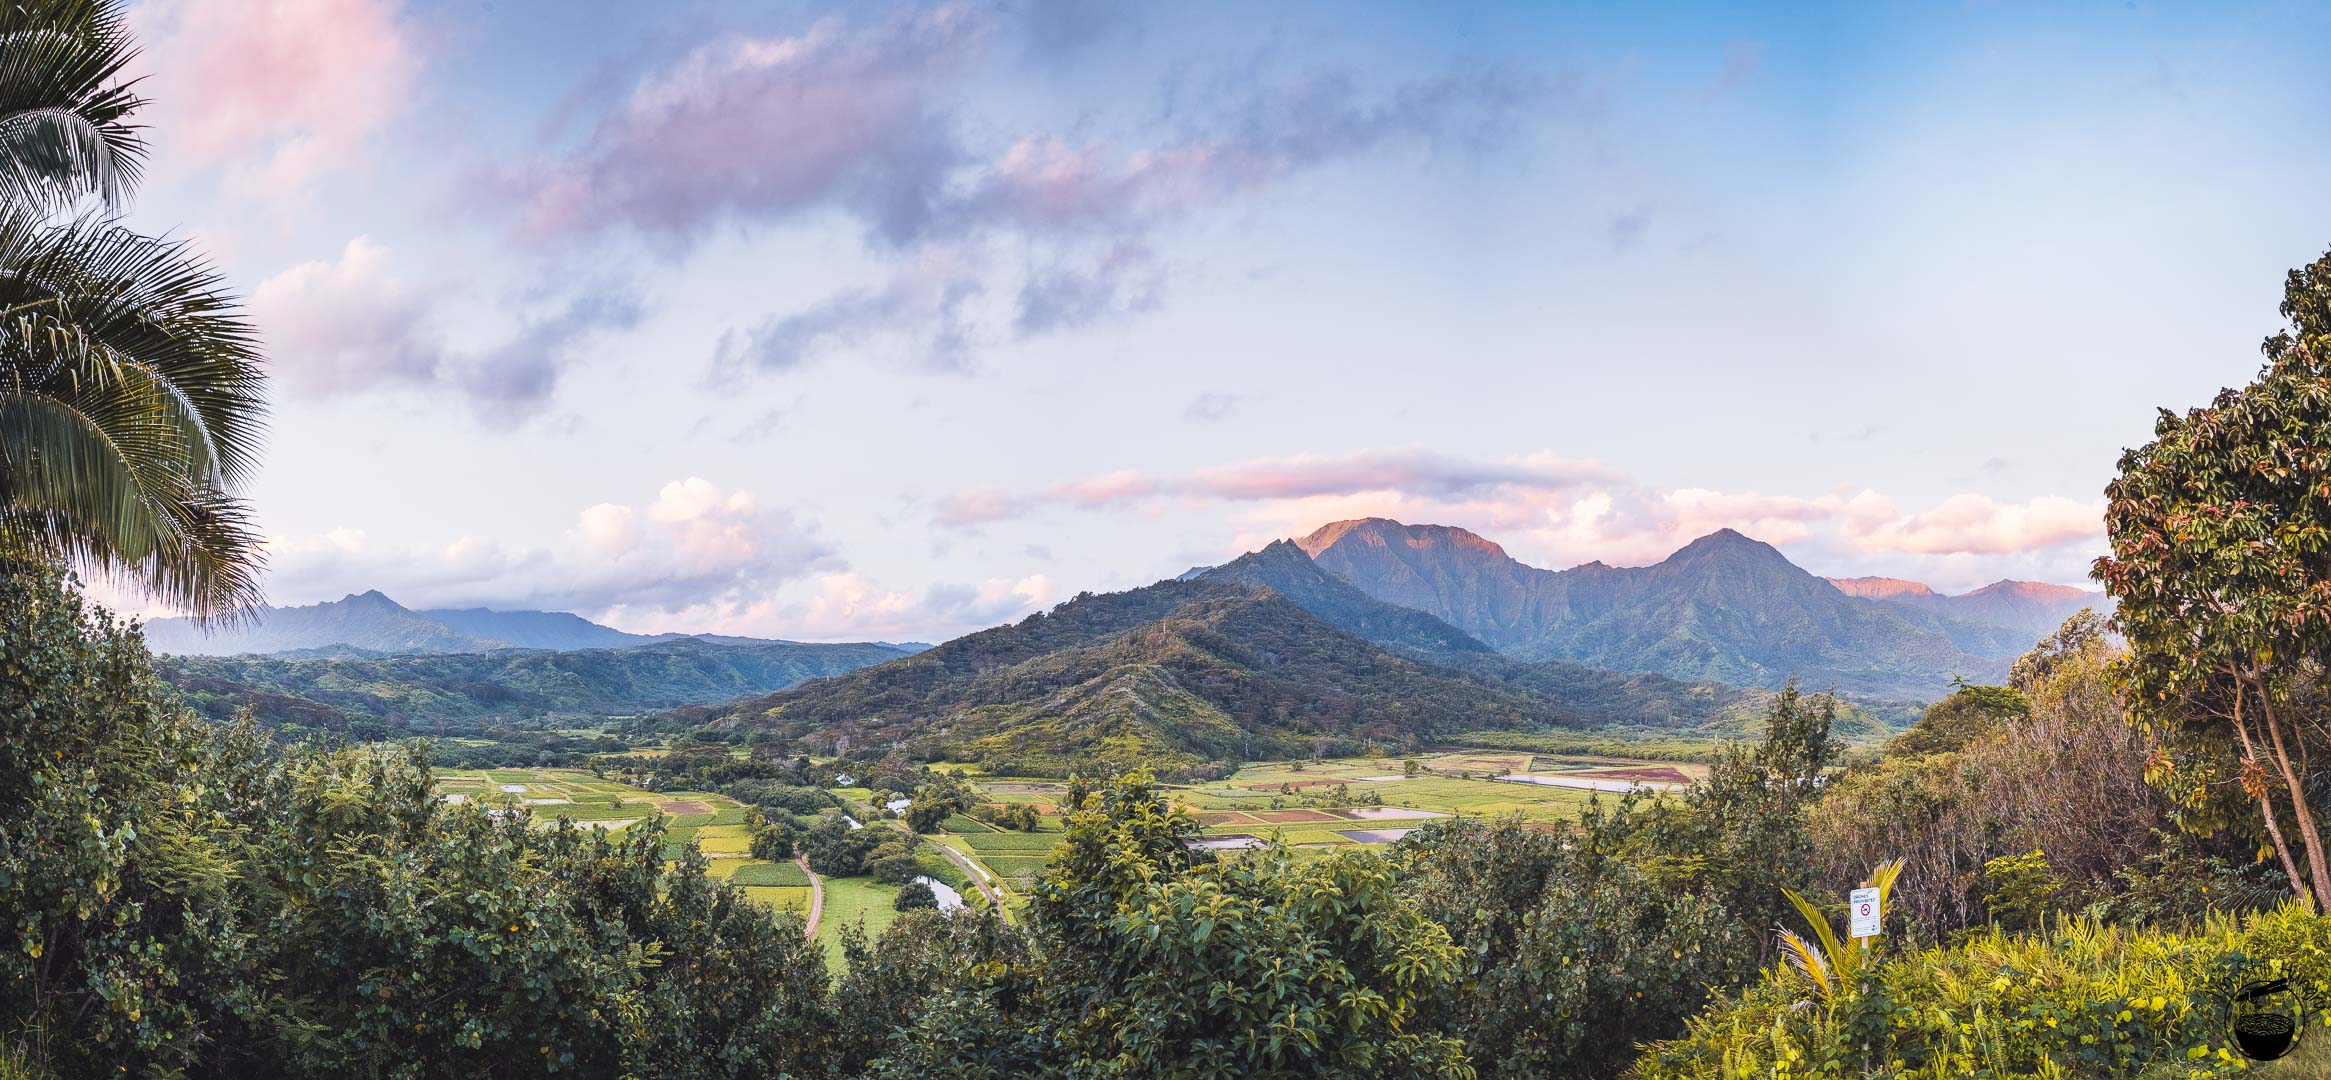 Hanalei Valley Lookout Kauai